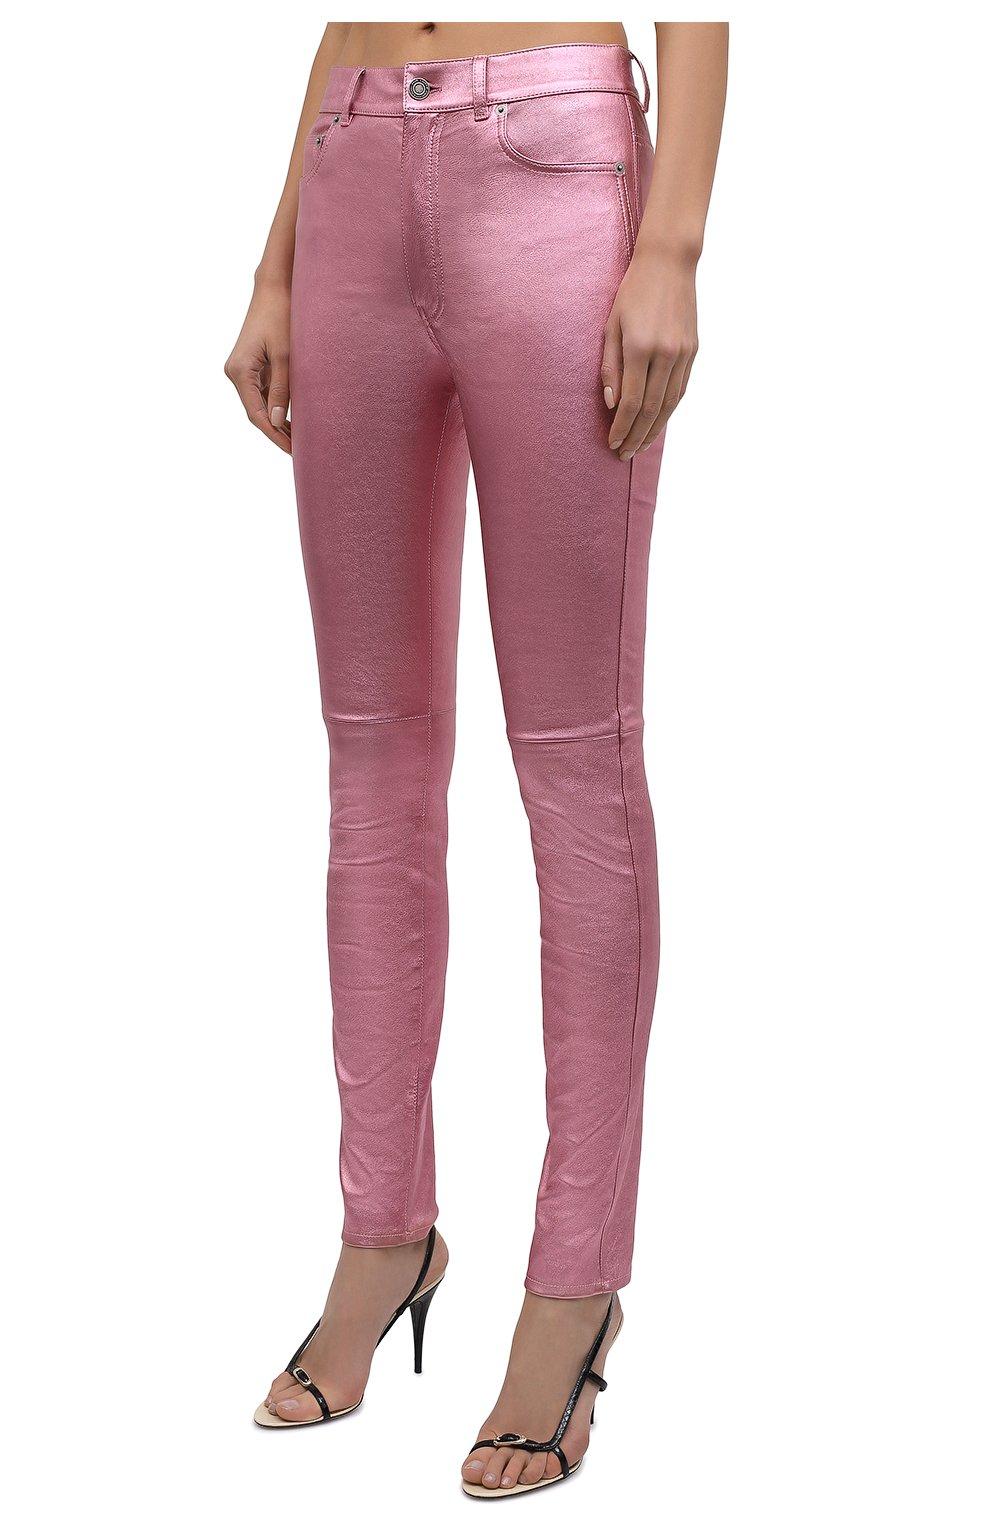 Женские кожаные брюки SAINT LAURENT розового цвета, арт. 619744/YC2XG   Фото 3 (Стили: Гламурный; Длина (брюки, джинсы): Стандартные; Женское Кросс-КТ: Брюки-одежда, Кожаные брюки; Силуэт Ж (брюки и джинсы): Узкие; Материал подклада: Хлопок)